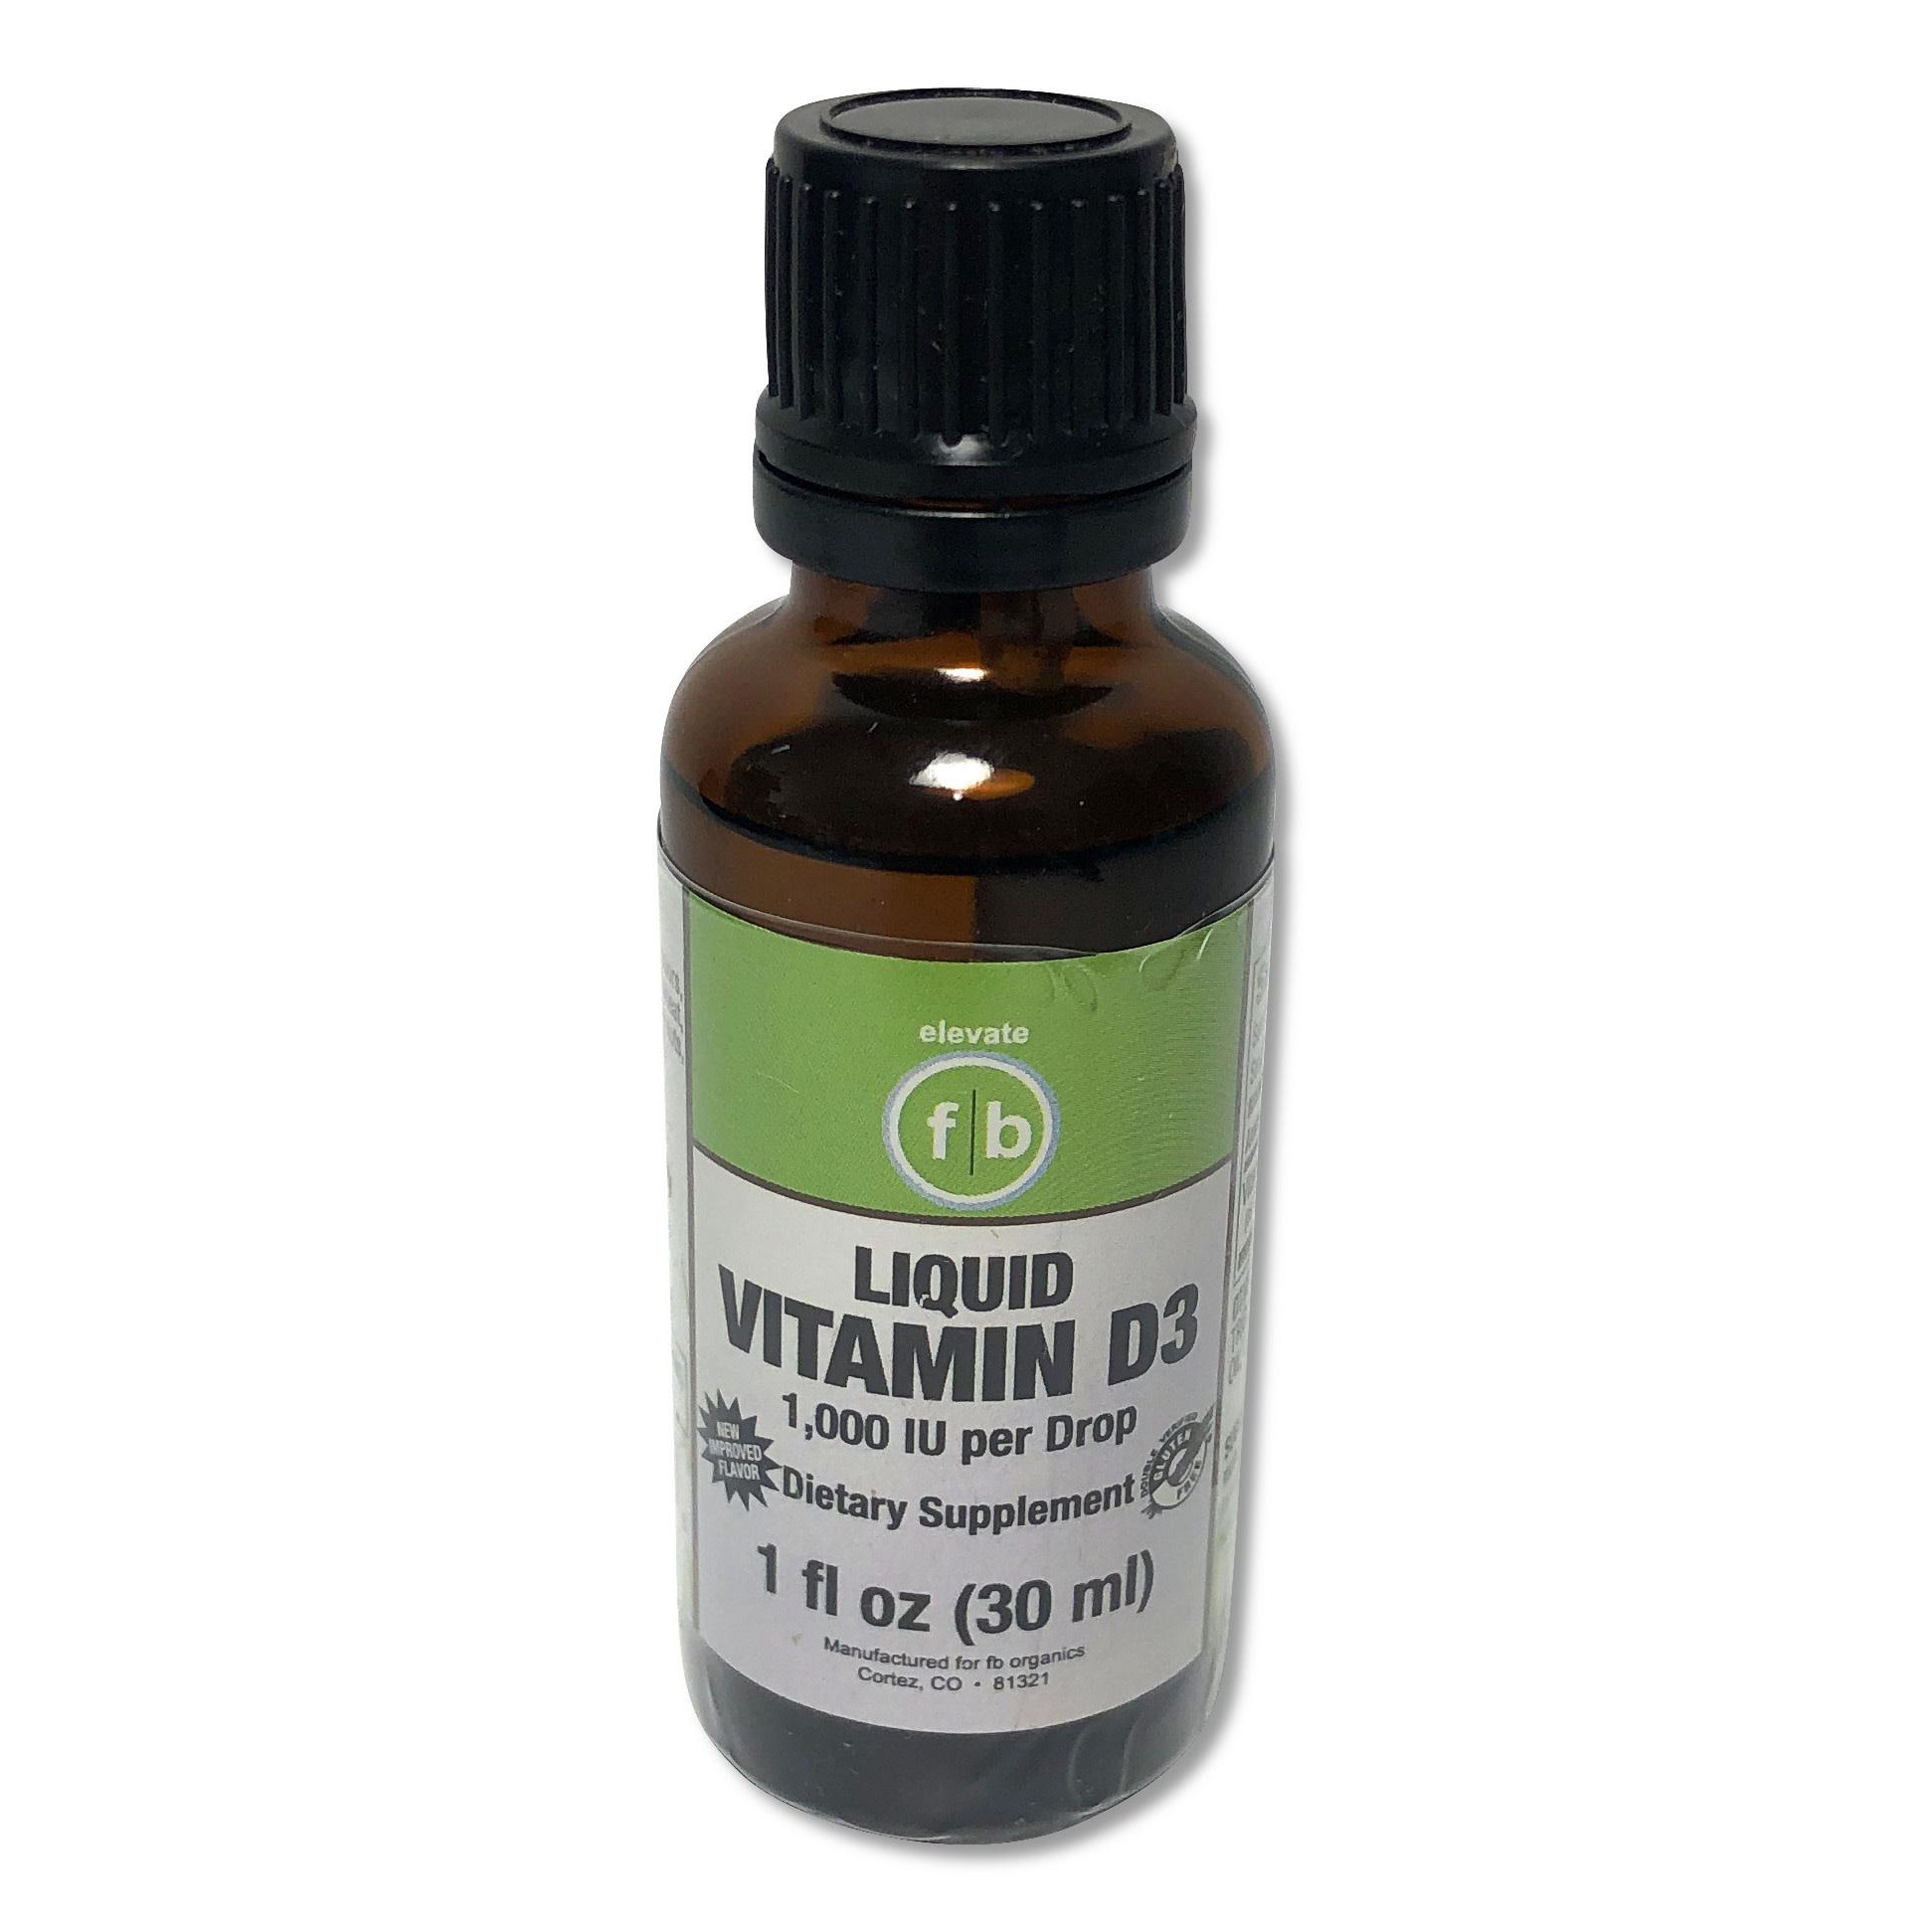 Liquid Vitamin D3-1